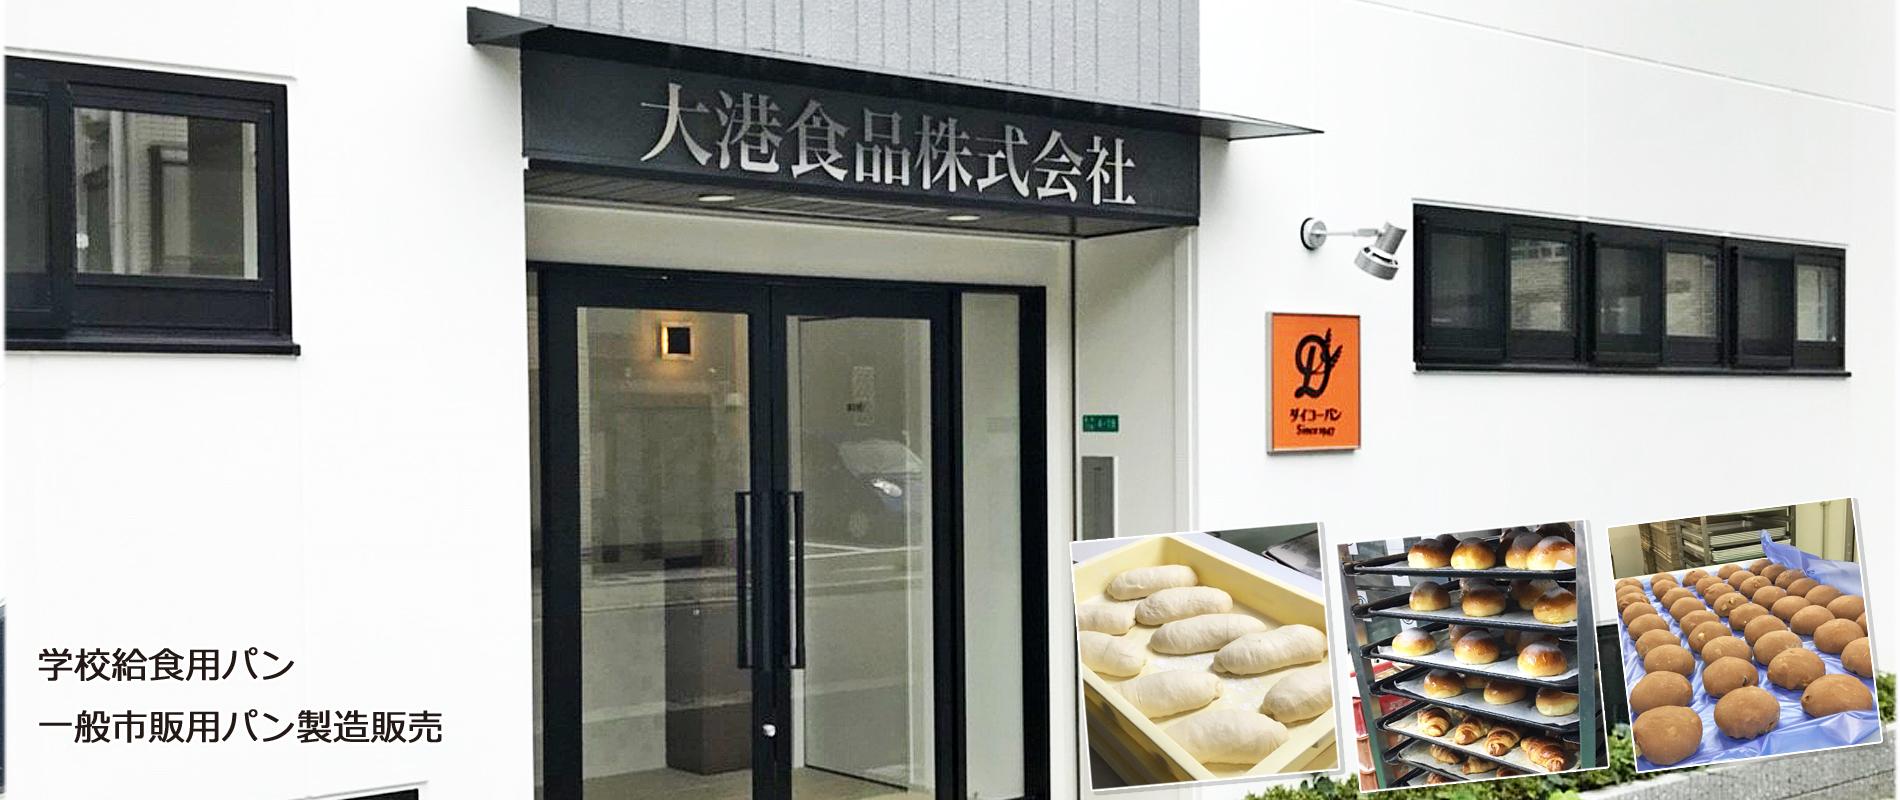 ダイコーパン 学校給食用パン・一般市販用パン製造販売の大港食品株式会社